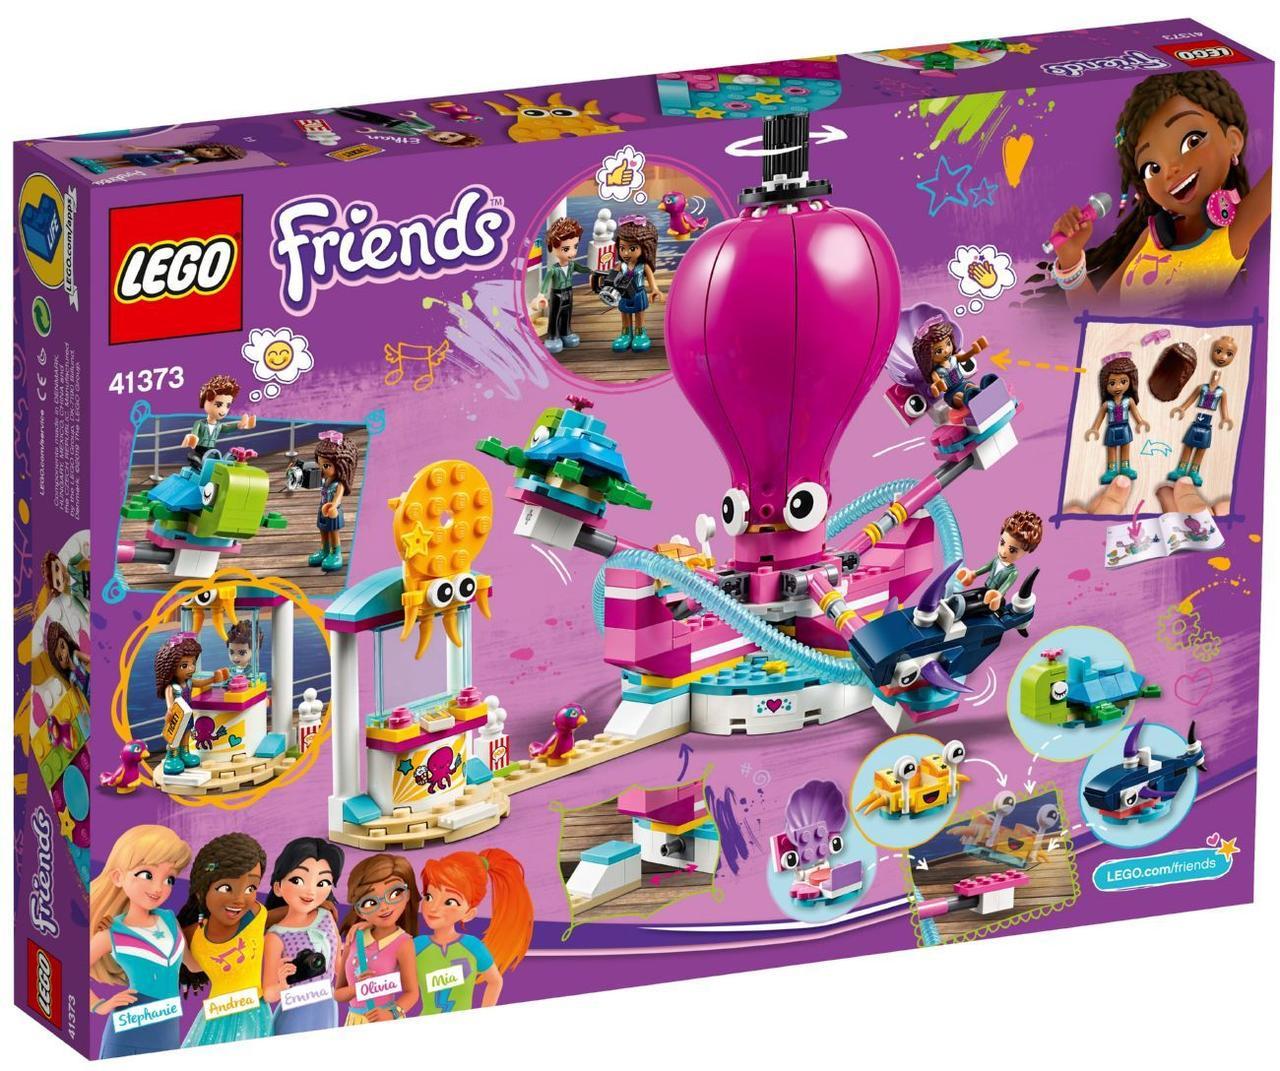 Lego Friends Атракціон «Веселий восьминіг» 41373